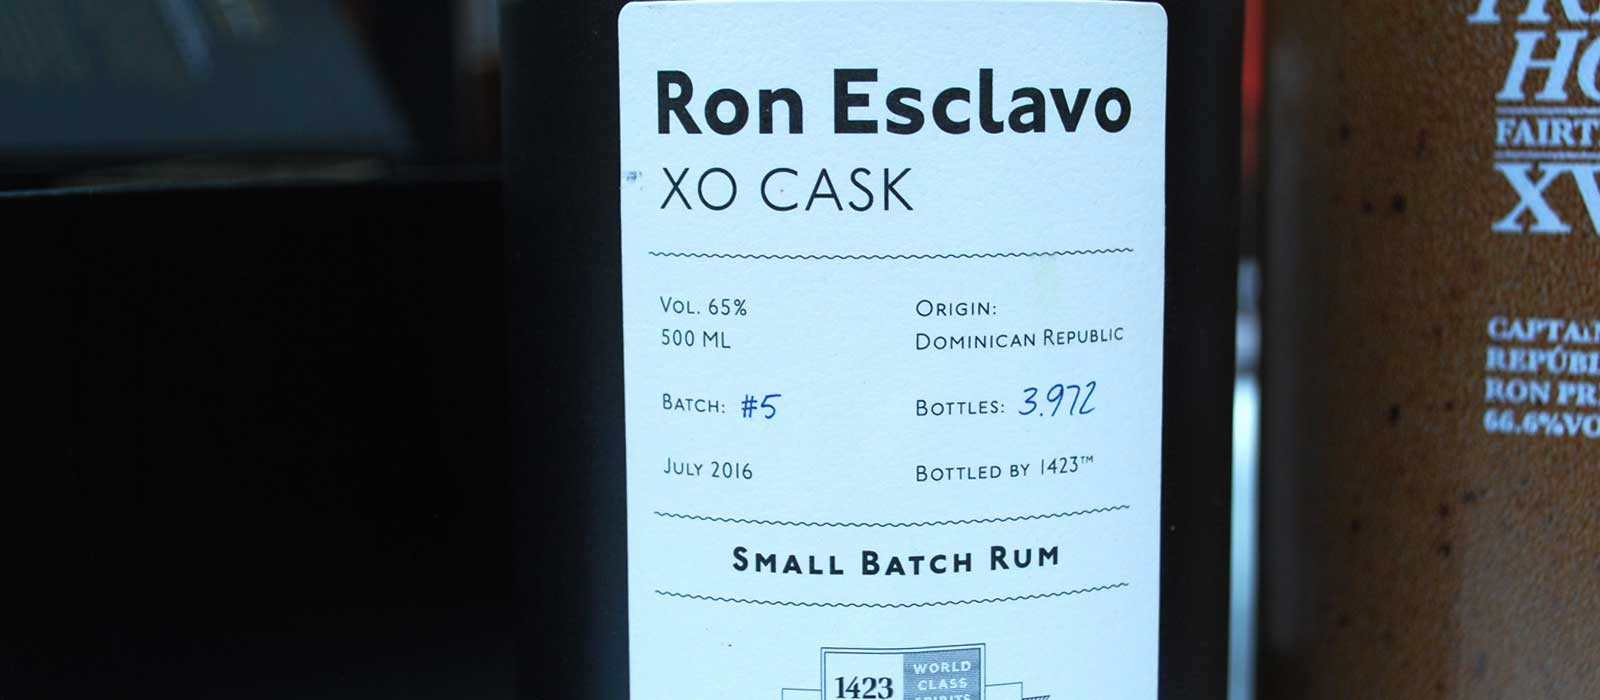 Sjätte plats 2016: Ron Esclavo XO Cask